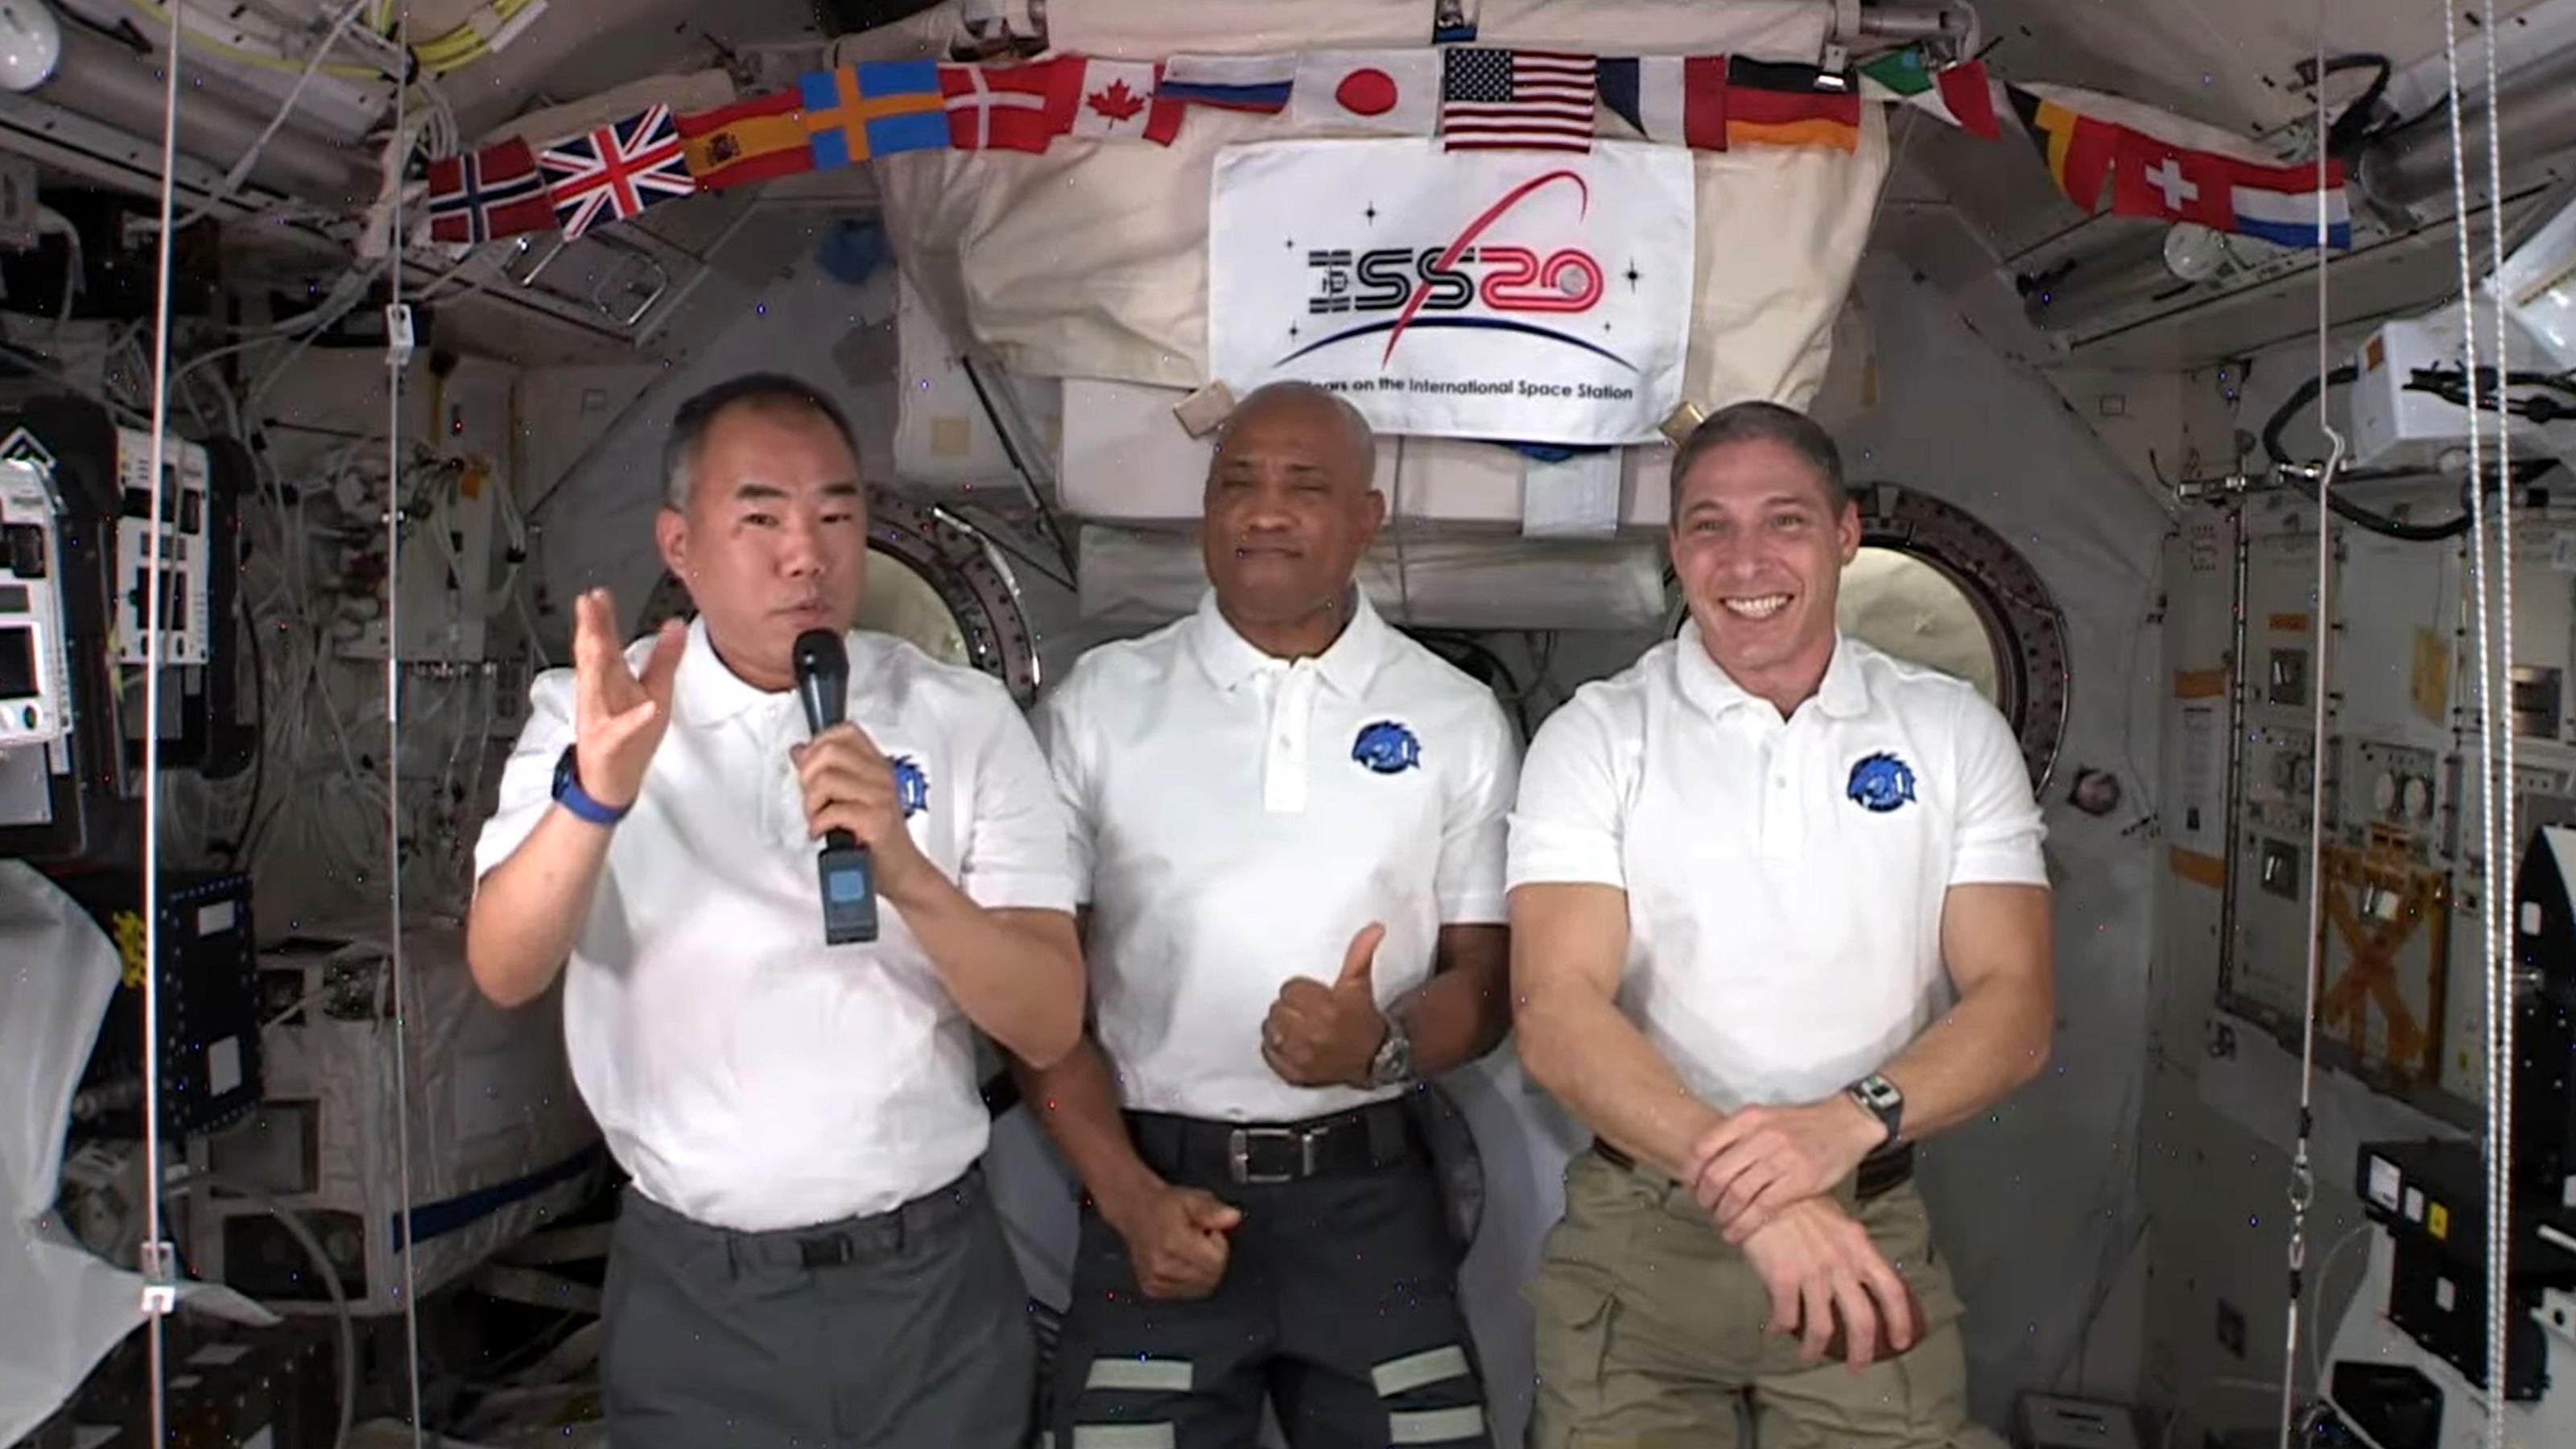 スティーラーズQBドブスの質問に答える野口さん。中央がグローバー飛行士、右はホプキンス飛行士=NASA Videoから